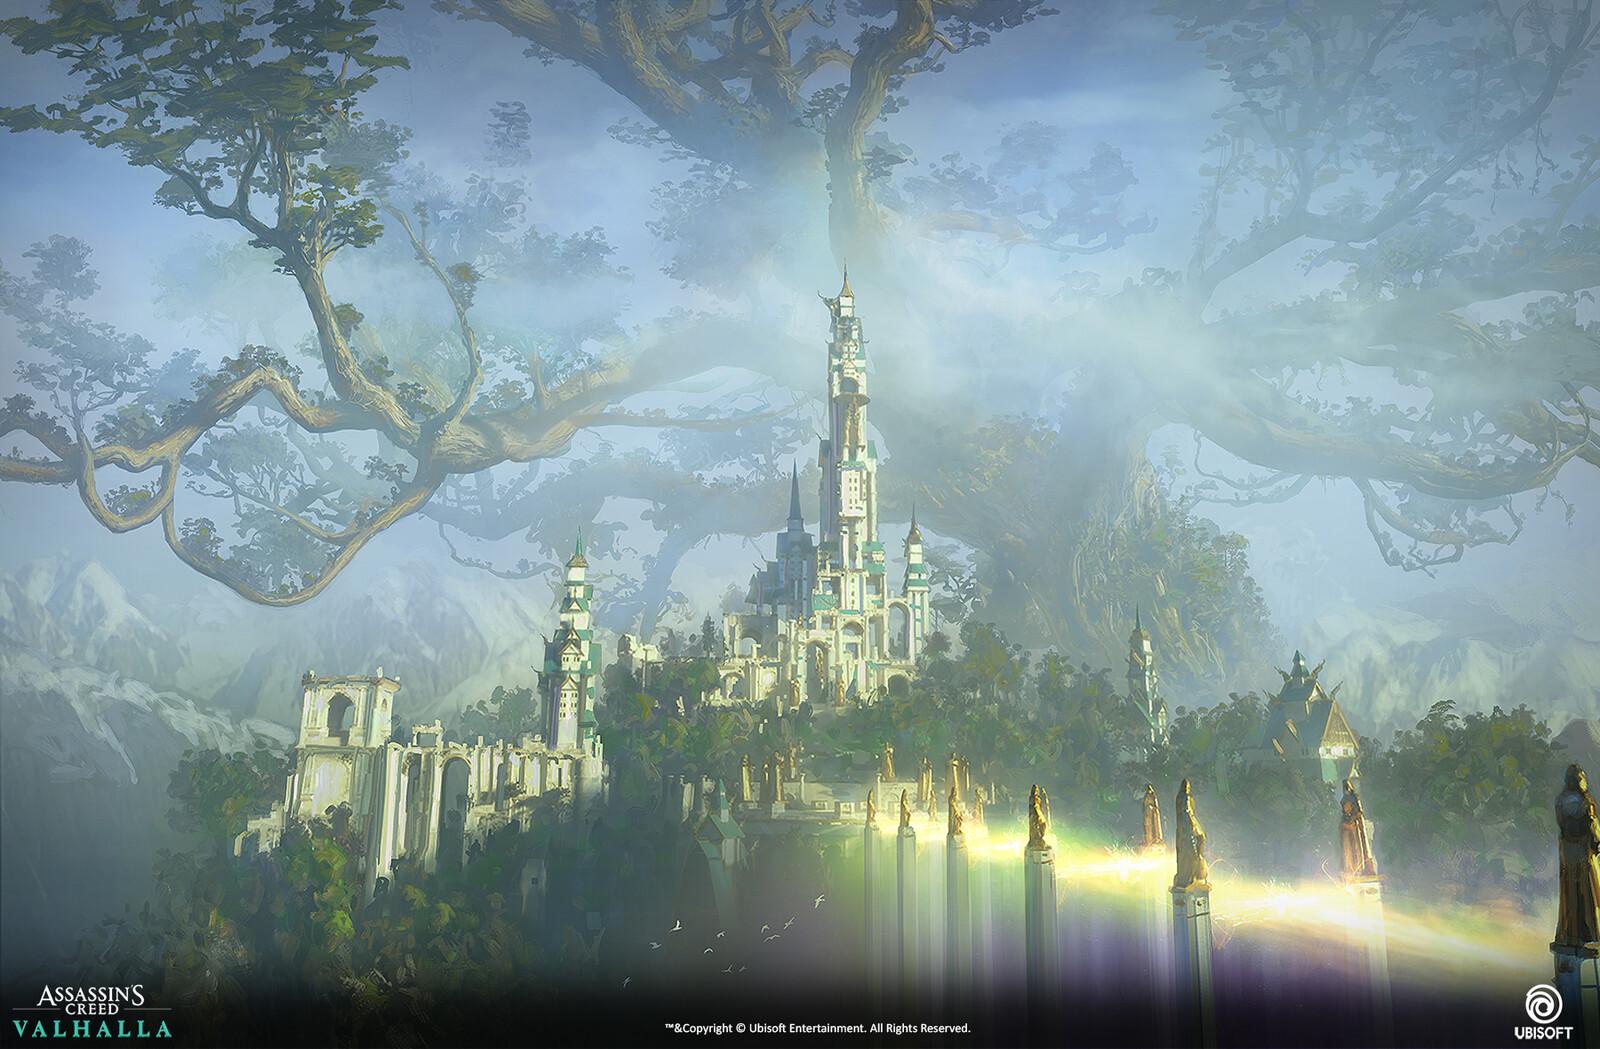 Asgard design, final steps.